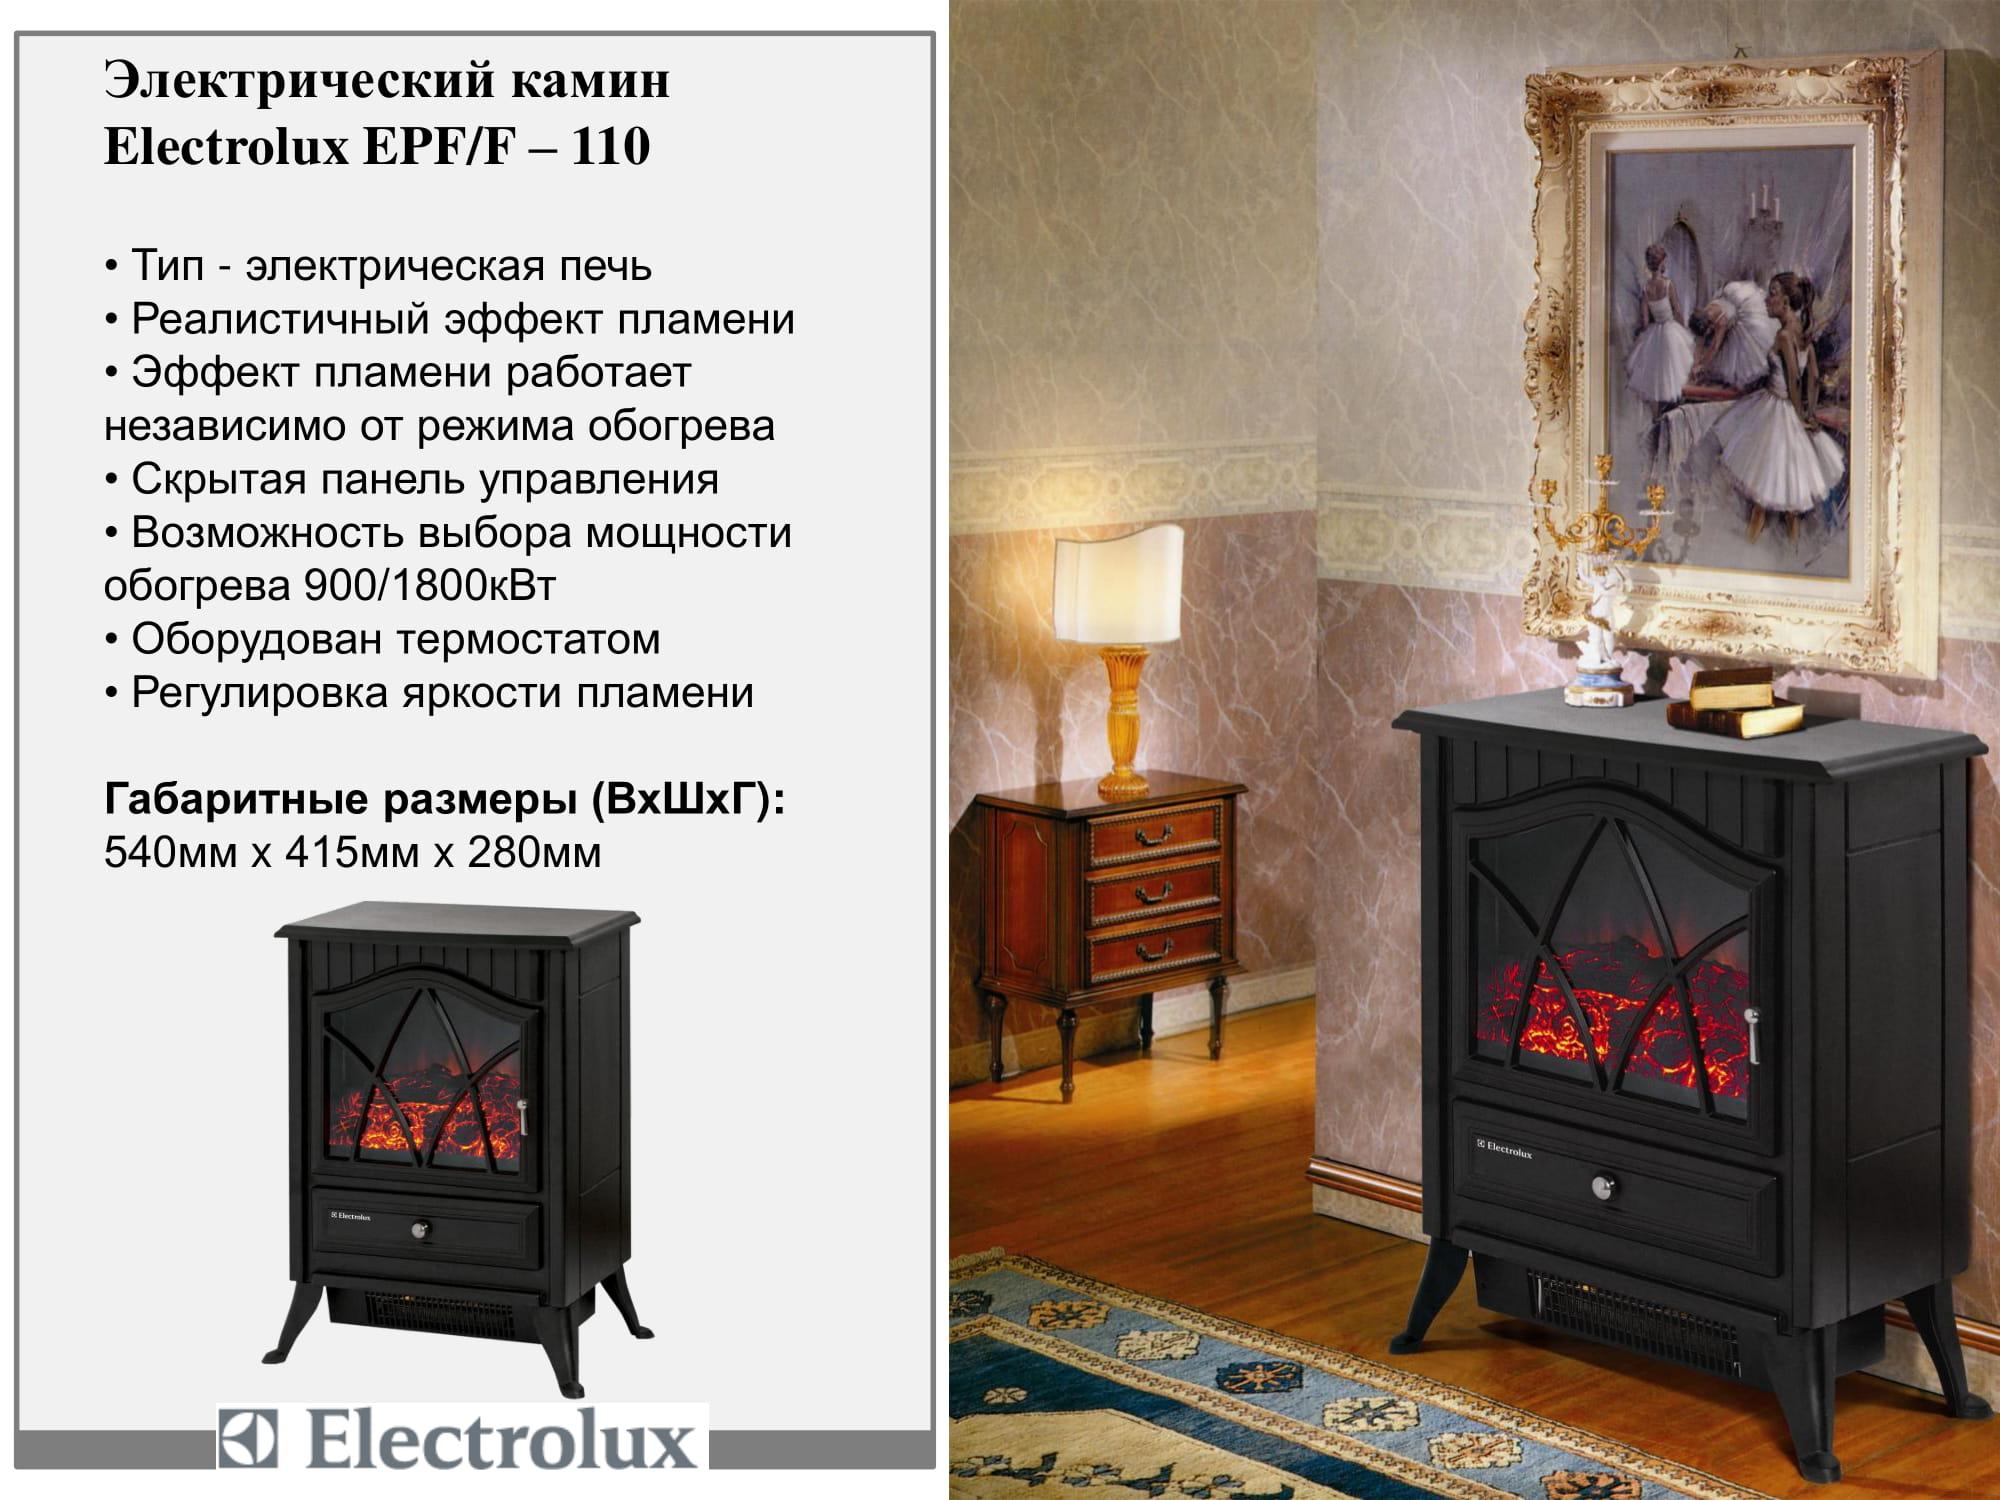 Electrolux EPF/F-110